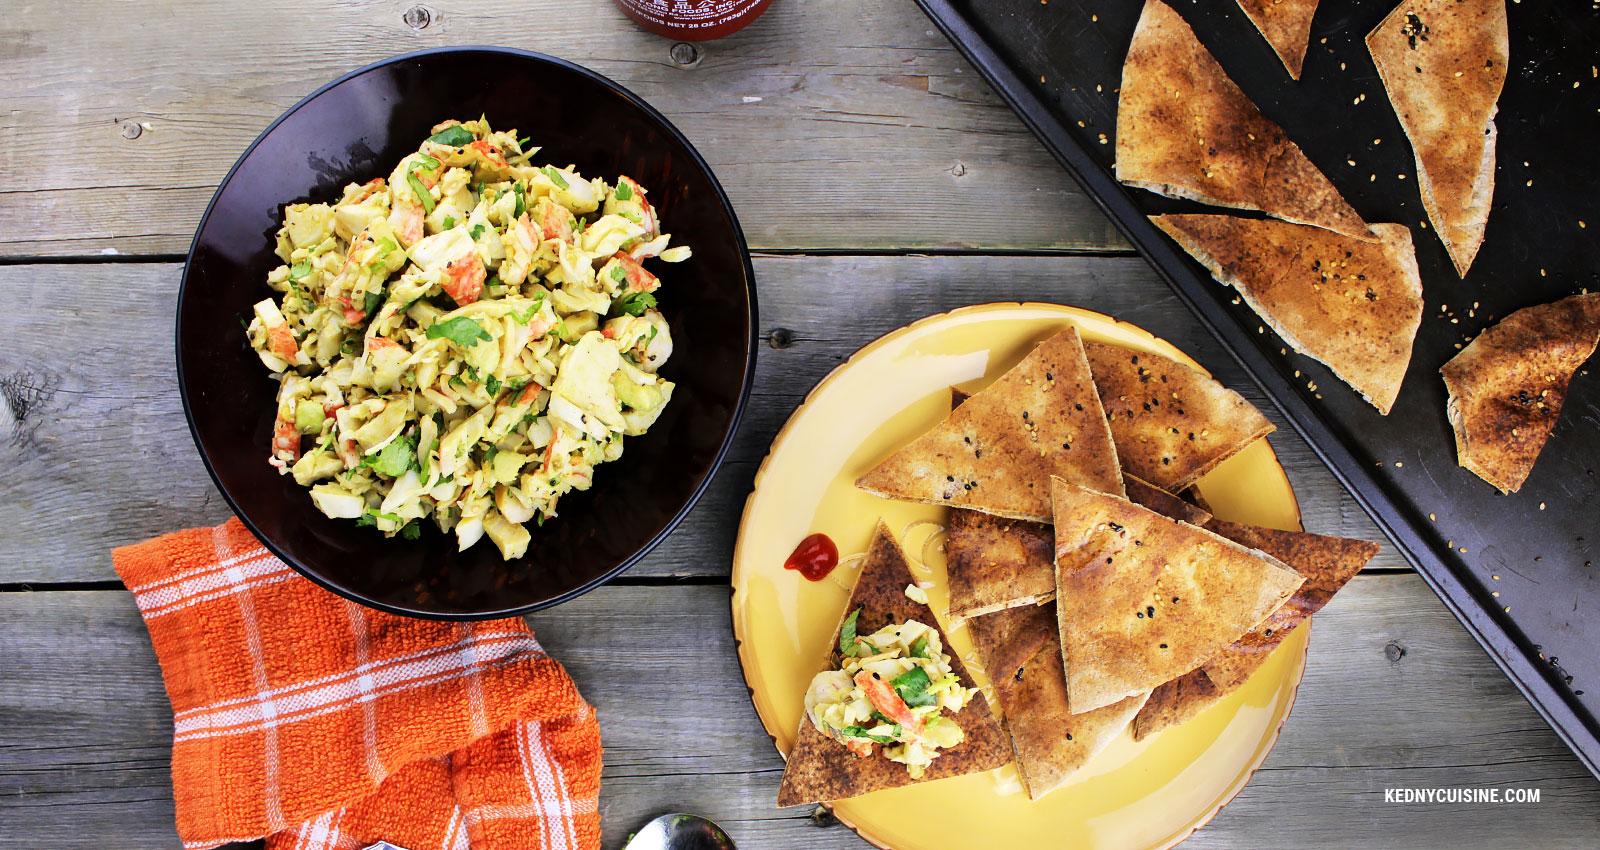 Salade de goberge épicée à saveur de crabe sur pain pita croustillant